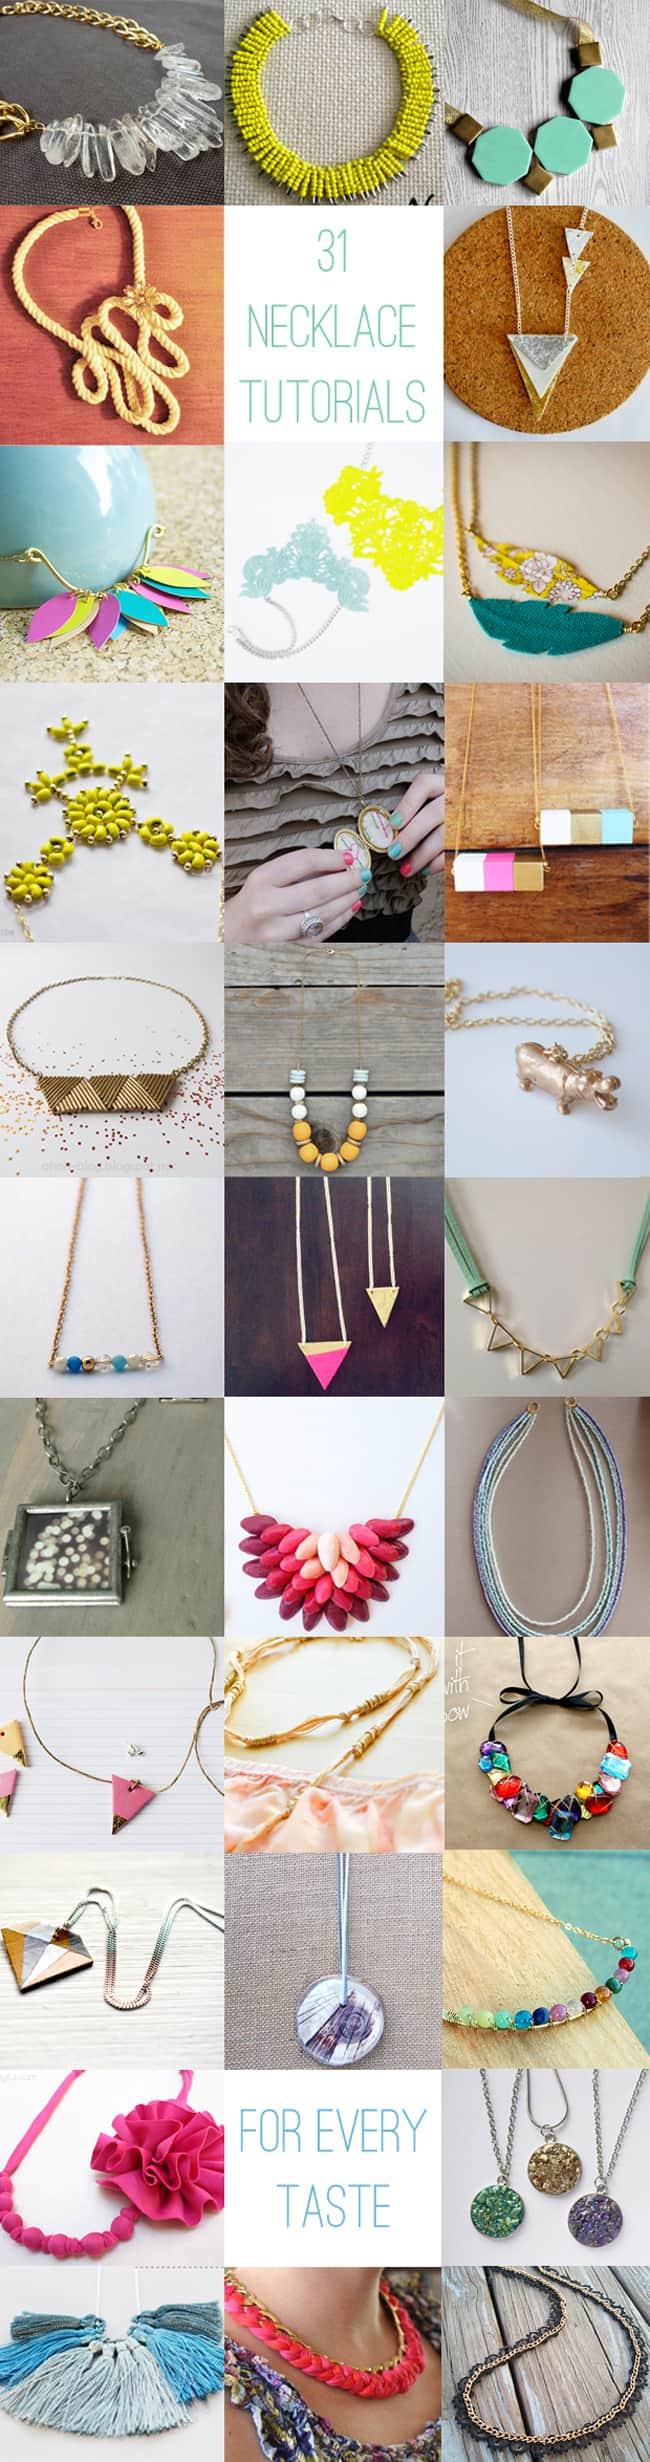 31 DIY Necklace Tutorials